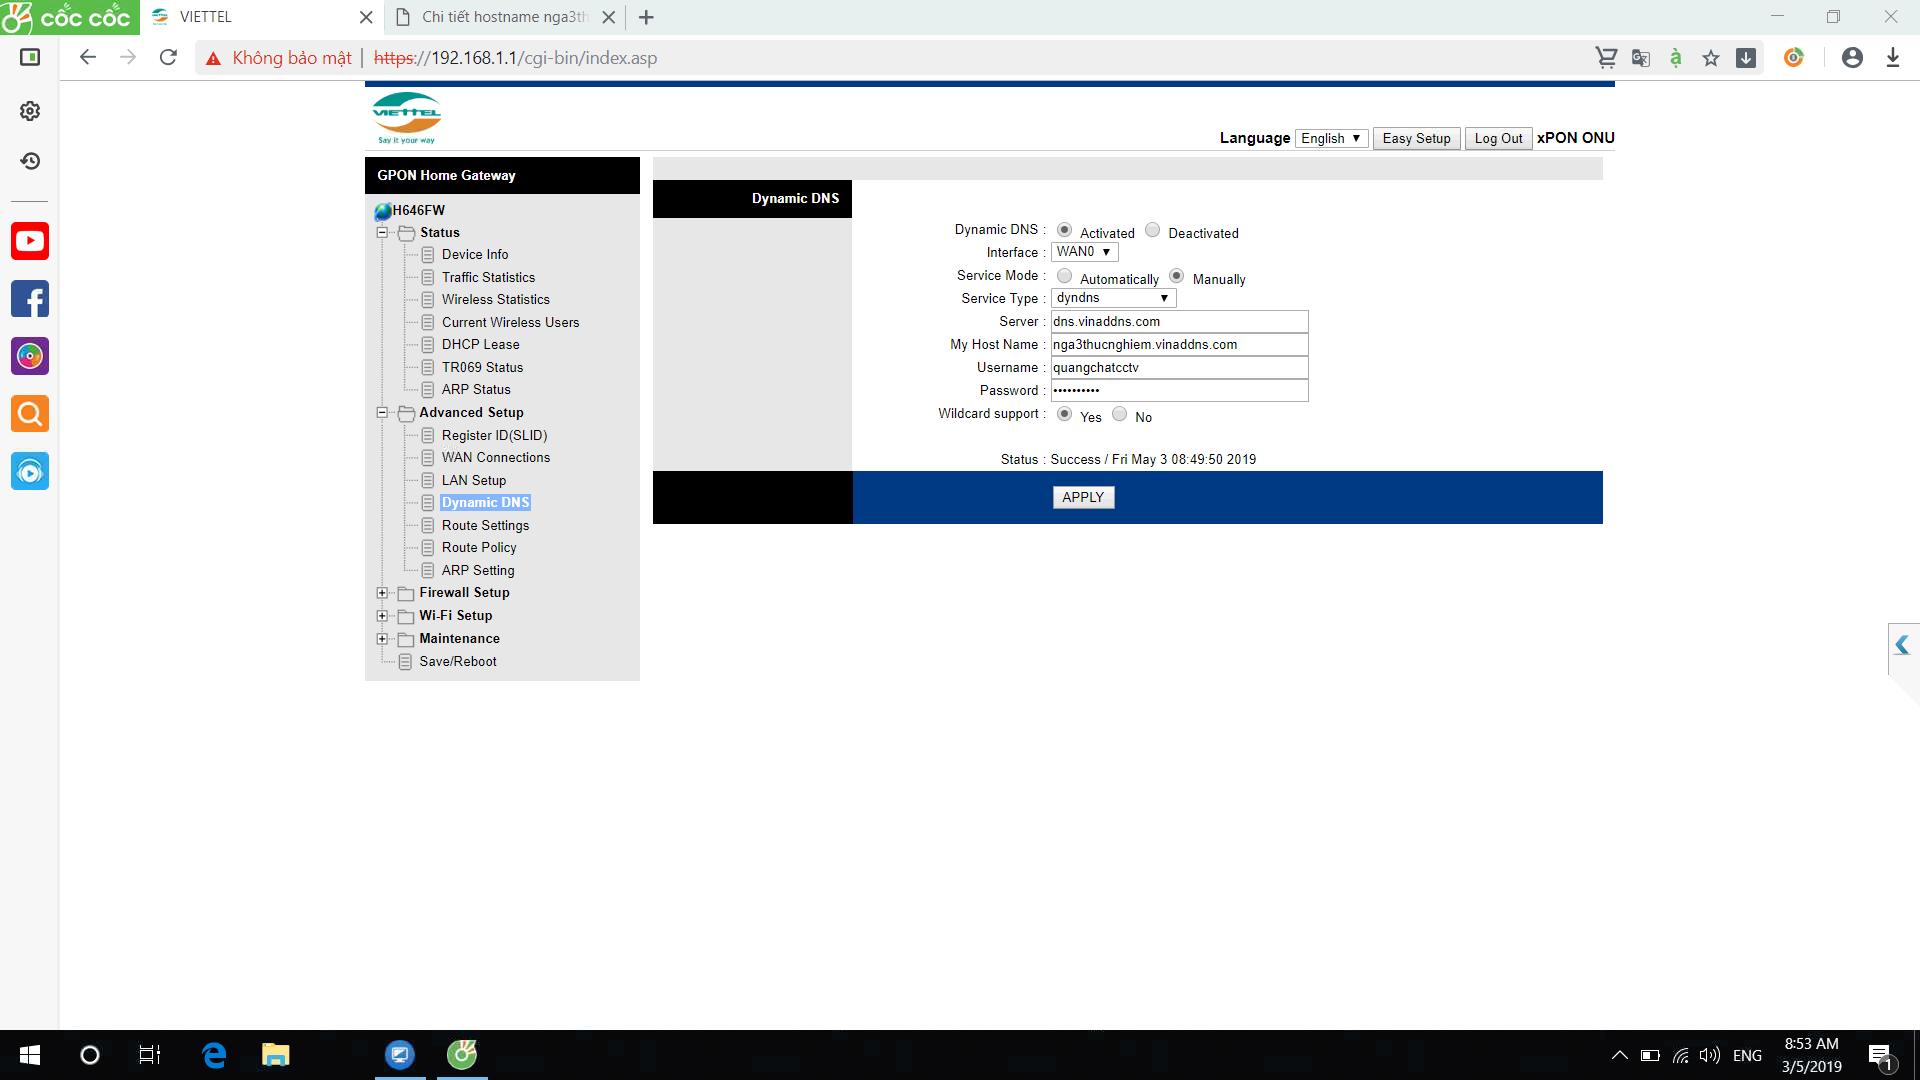 Hướng dẫn cấu hình tên miền vinaddns.com trên modem quang viettel h646w